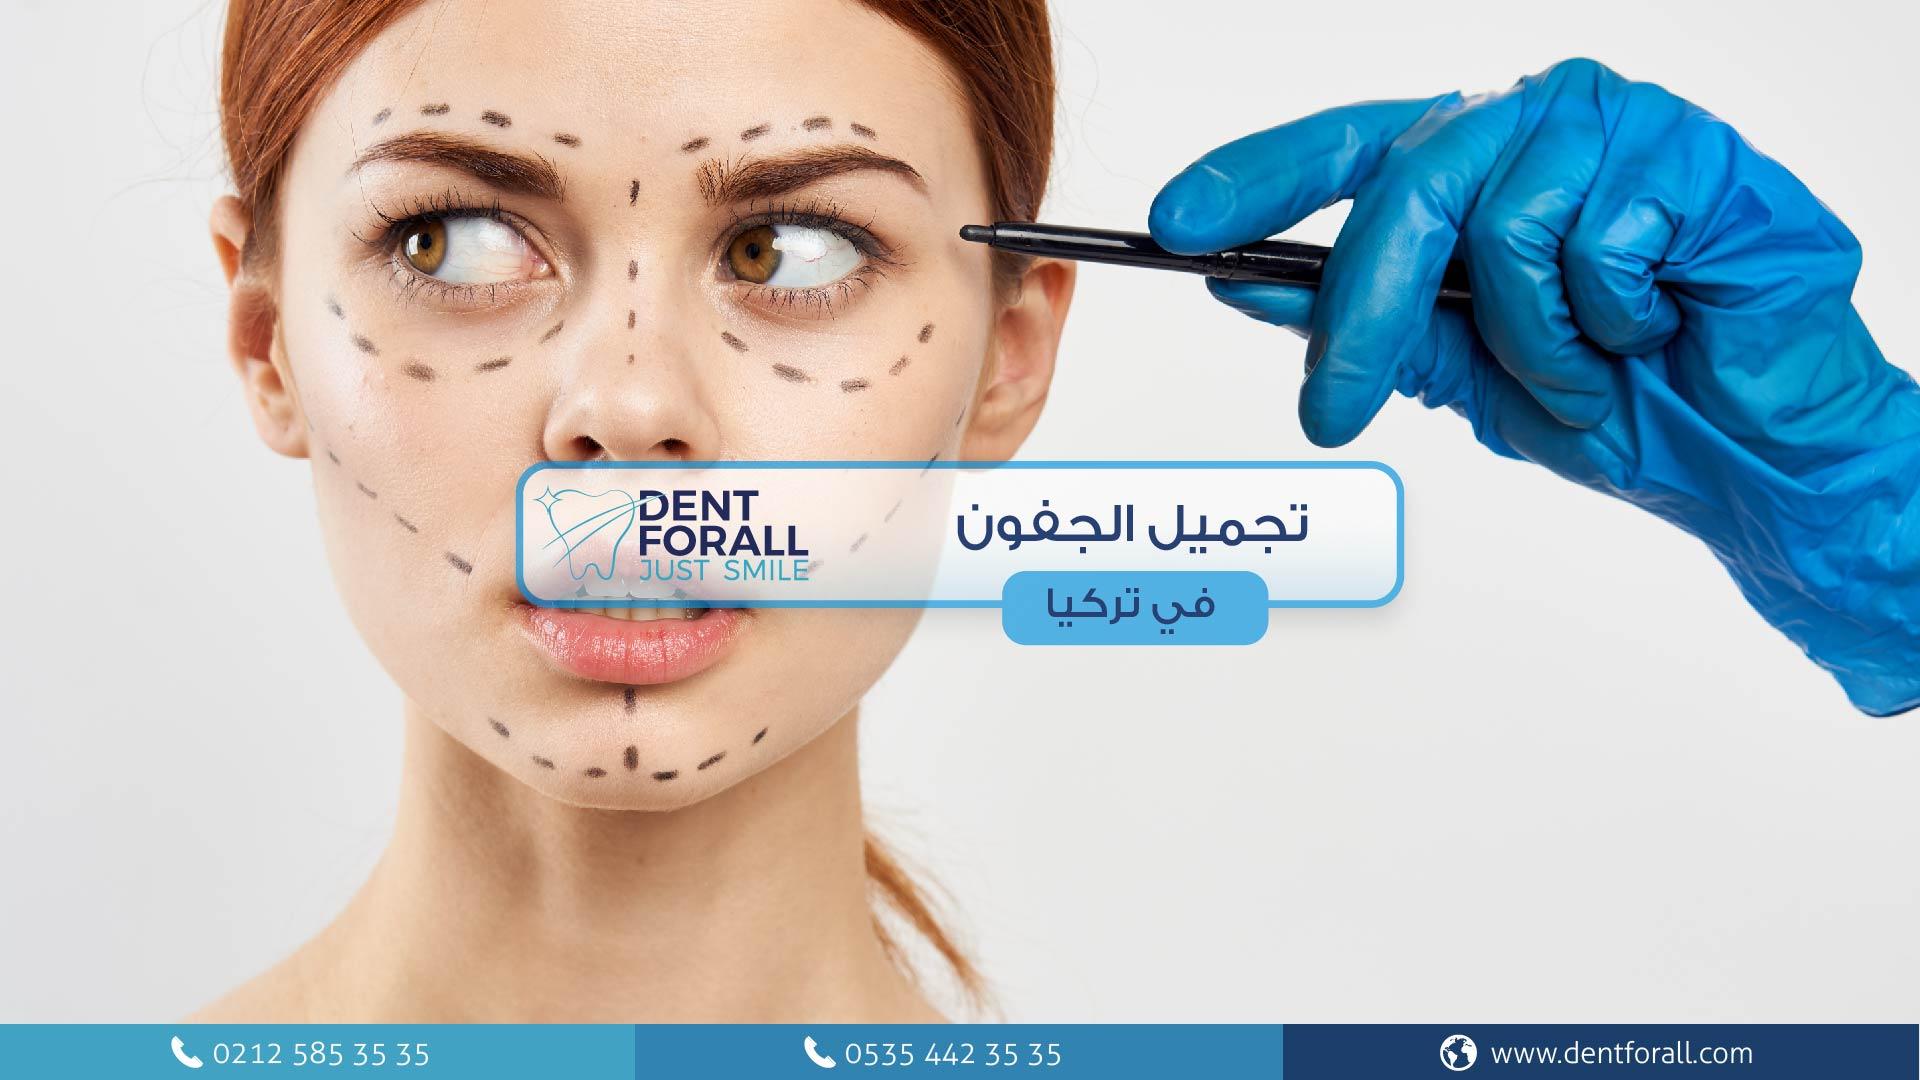 جراحة جفن العين  وأنواع التخدير ، وأيضا أنواع عمليات الجفون